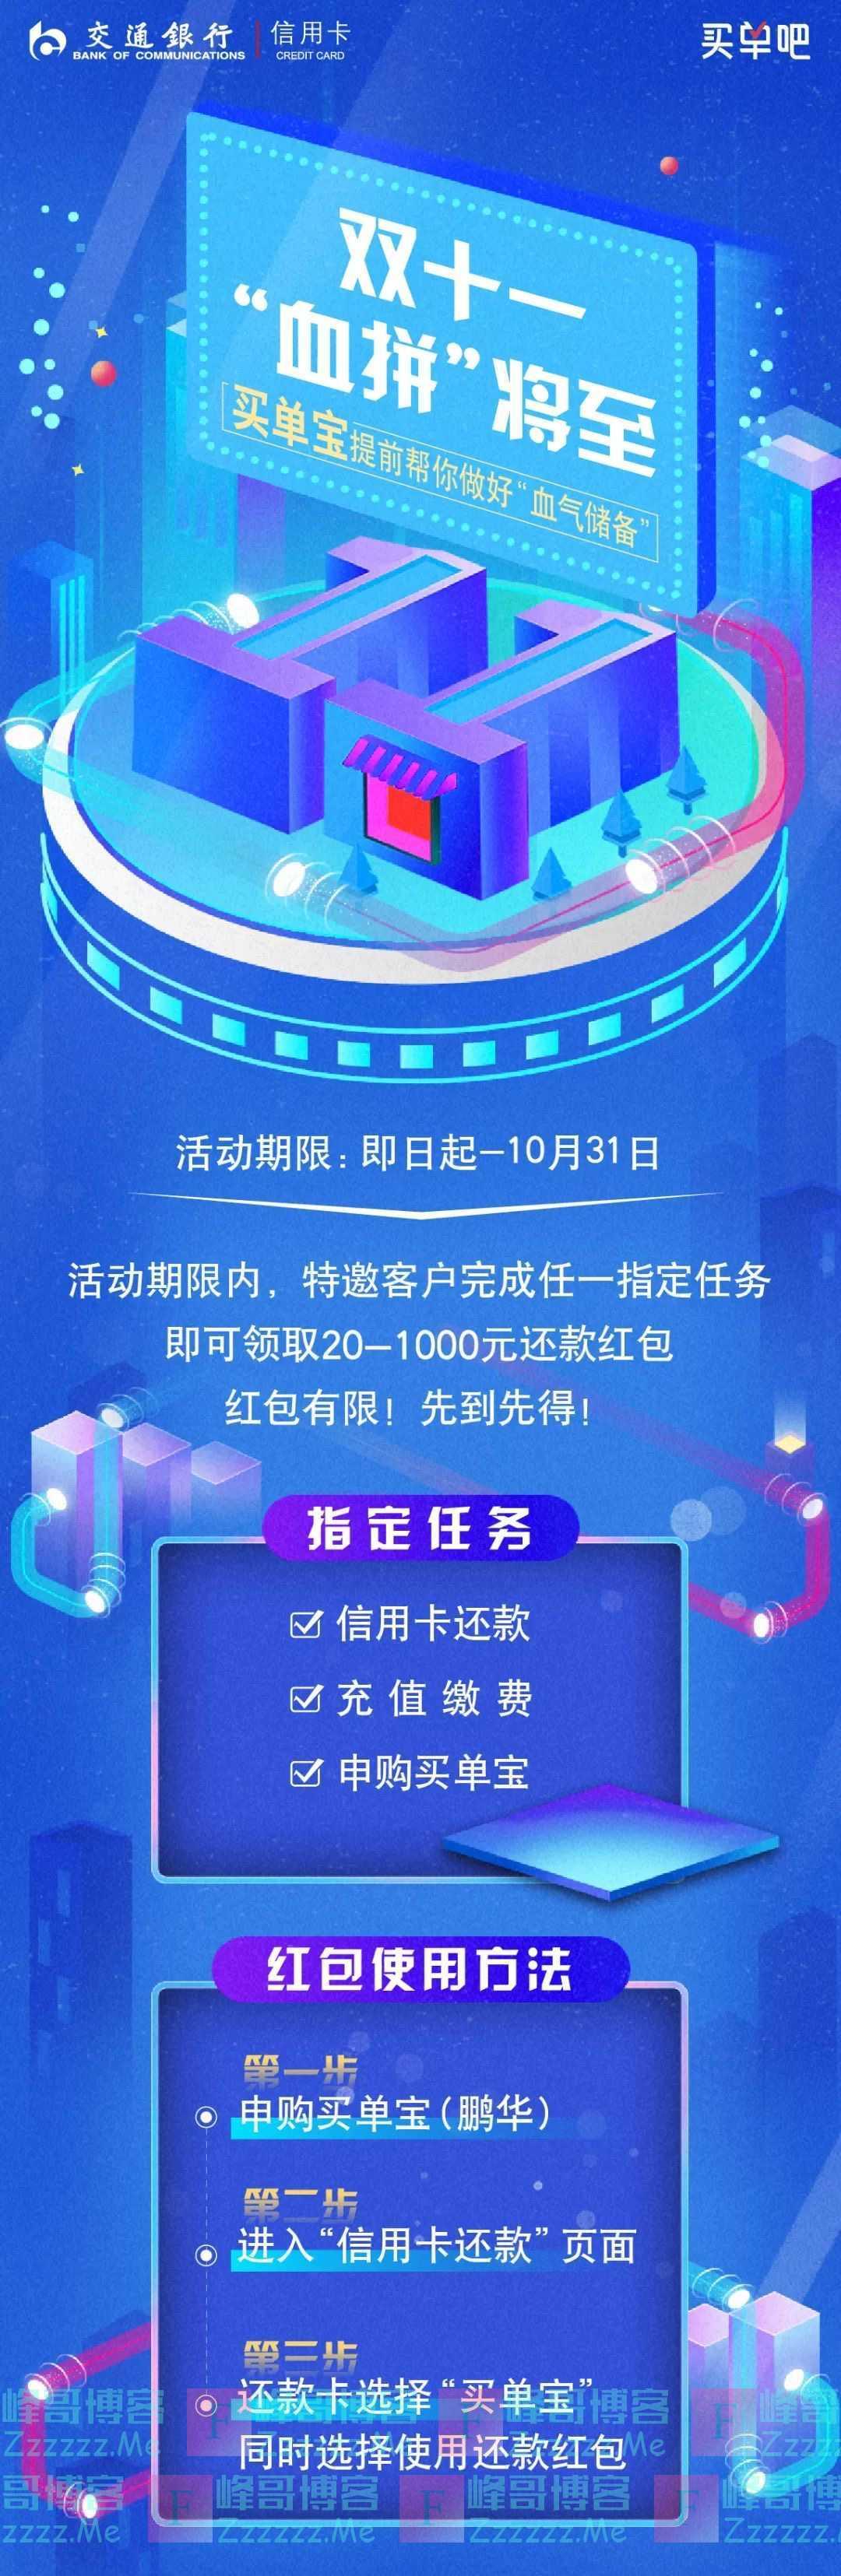 交通银行xing/用卡I买单吧完成指定任务领20-1000元还款红包(10月31日截止)